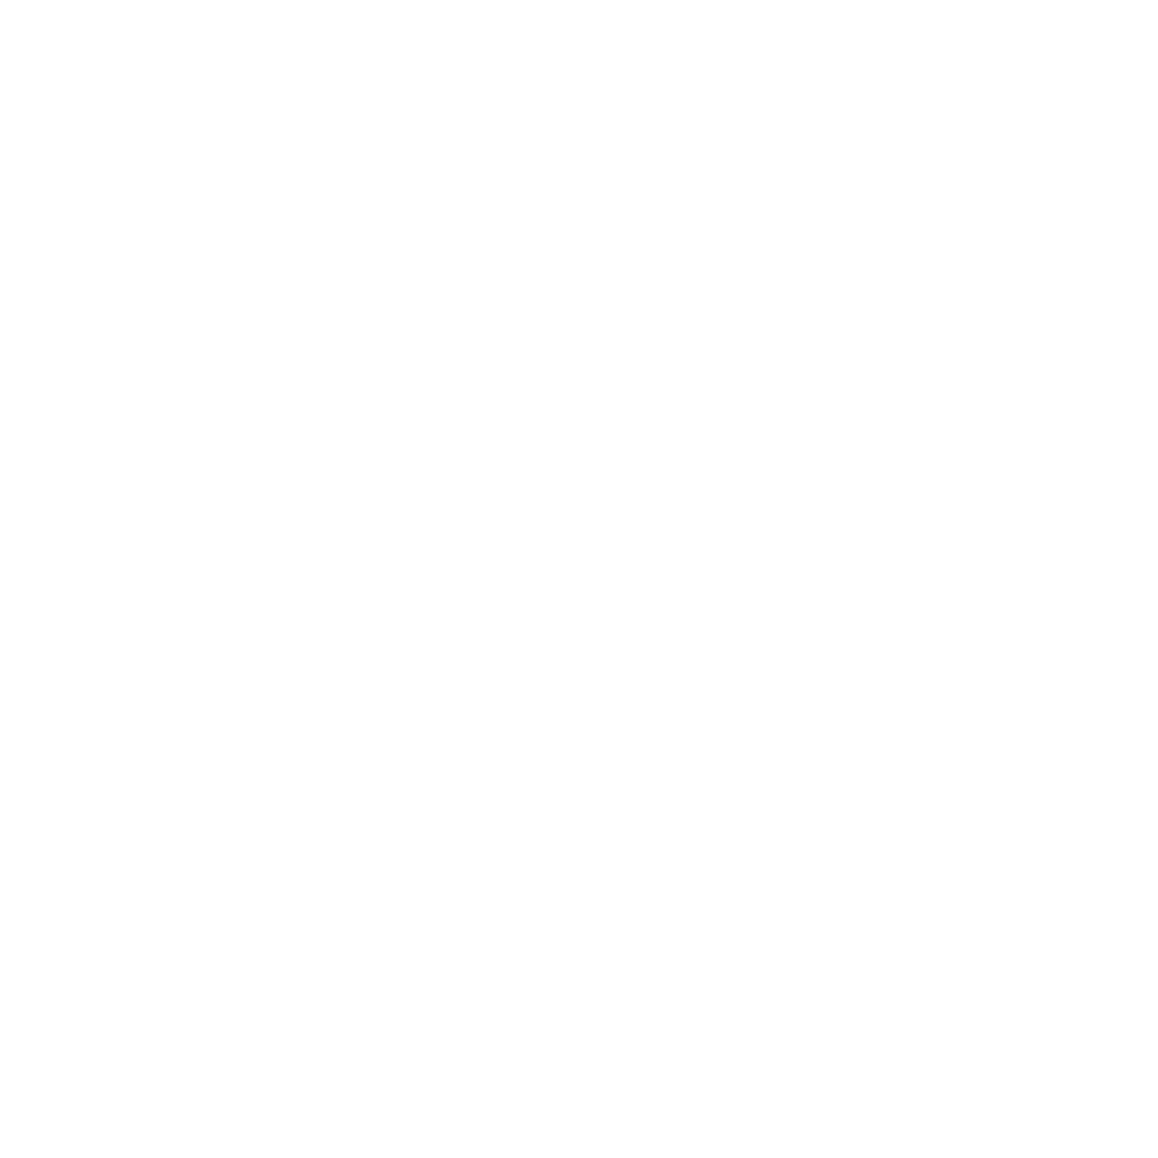 Sello CEPYME500